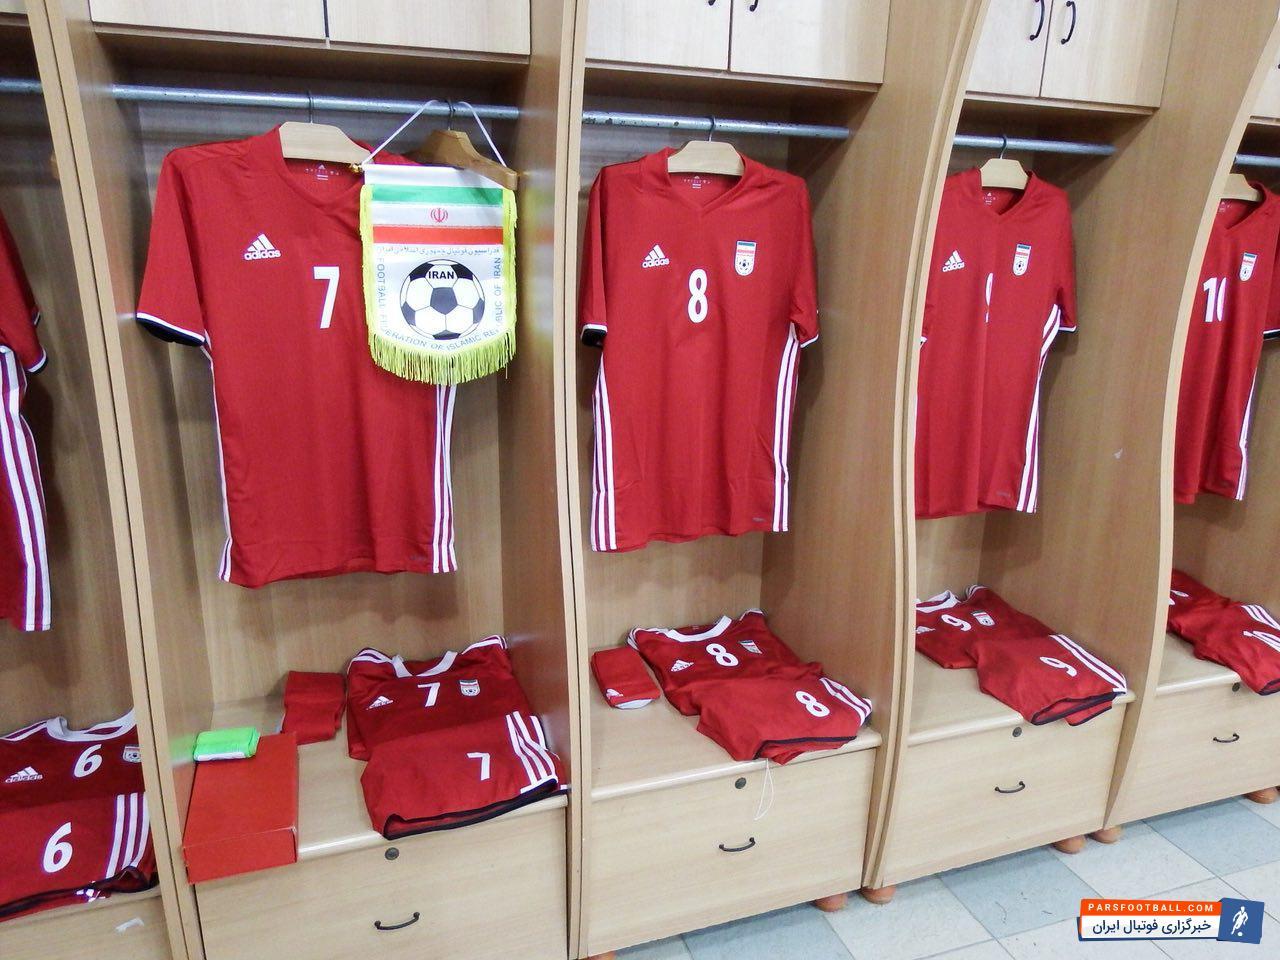 عکس؛بازگشت کاپیتان تیم ملی ایران به تیم ملی